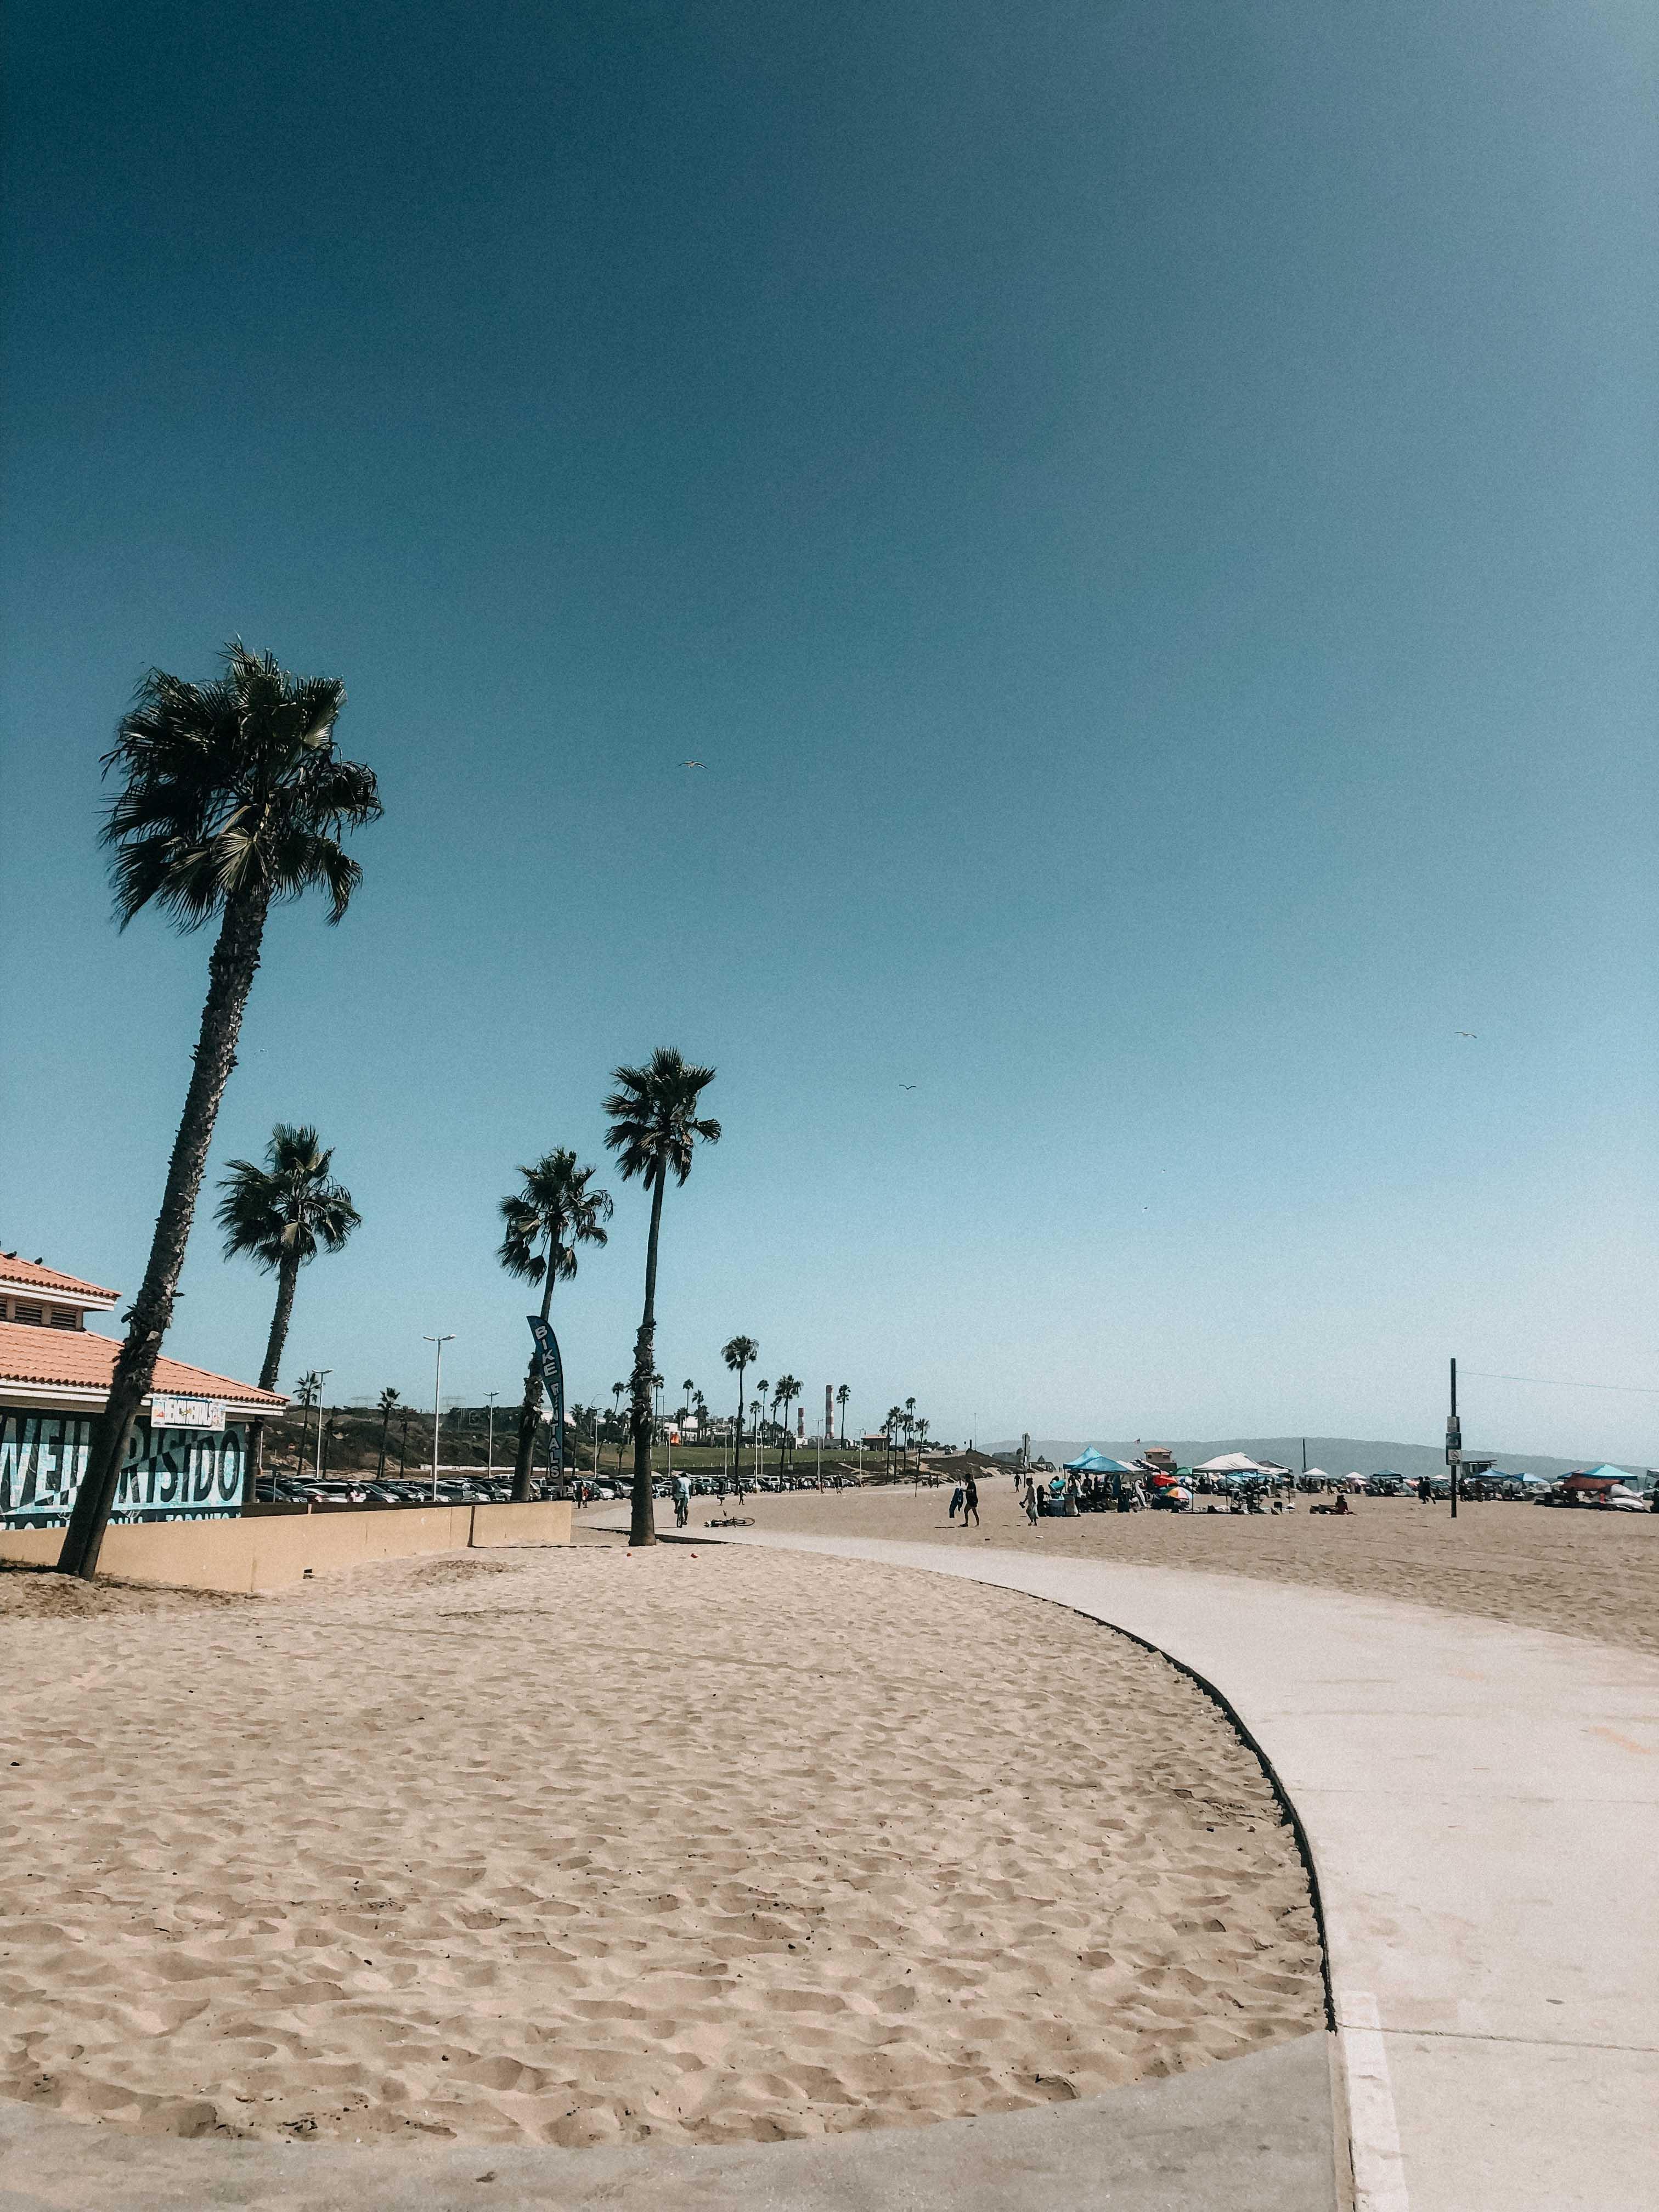 Top Insider Tipps Los Angeles Marvin Braude Bike Trail fahrradtour LA Strandweg Fahrrad fahren ausleihen 2